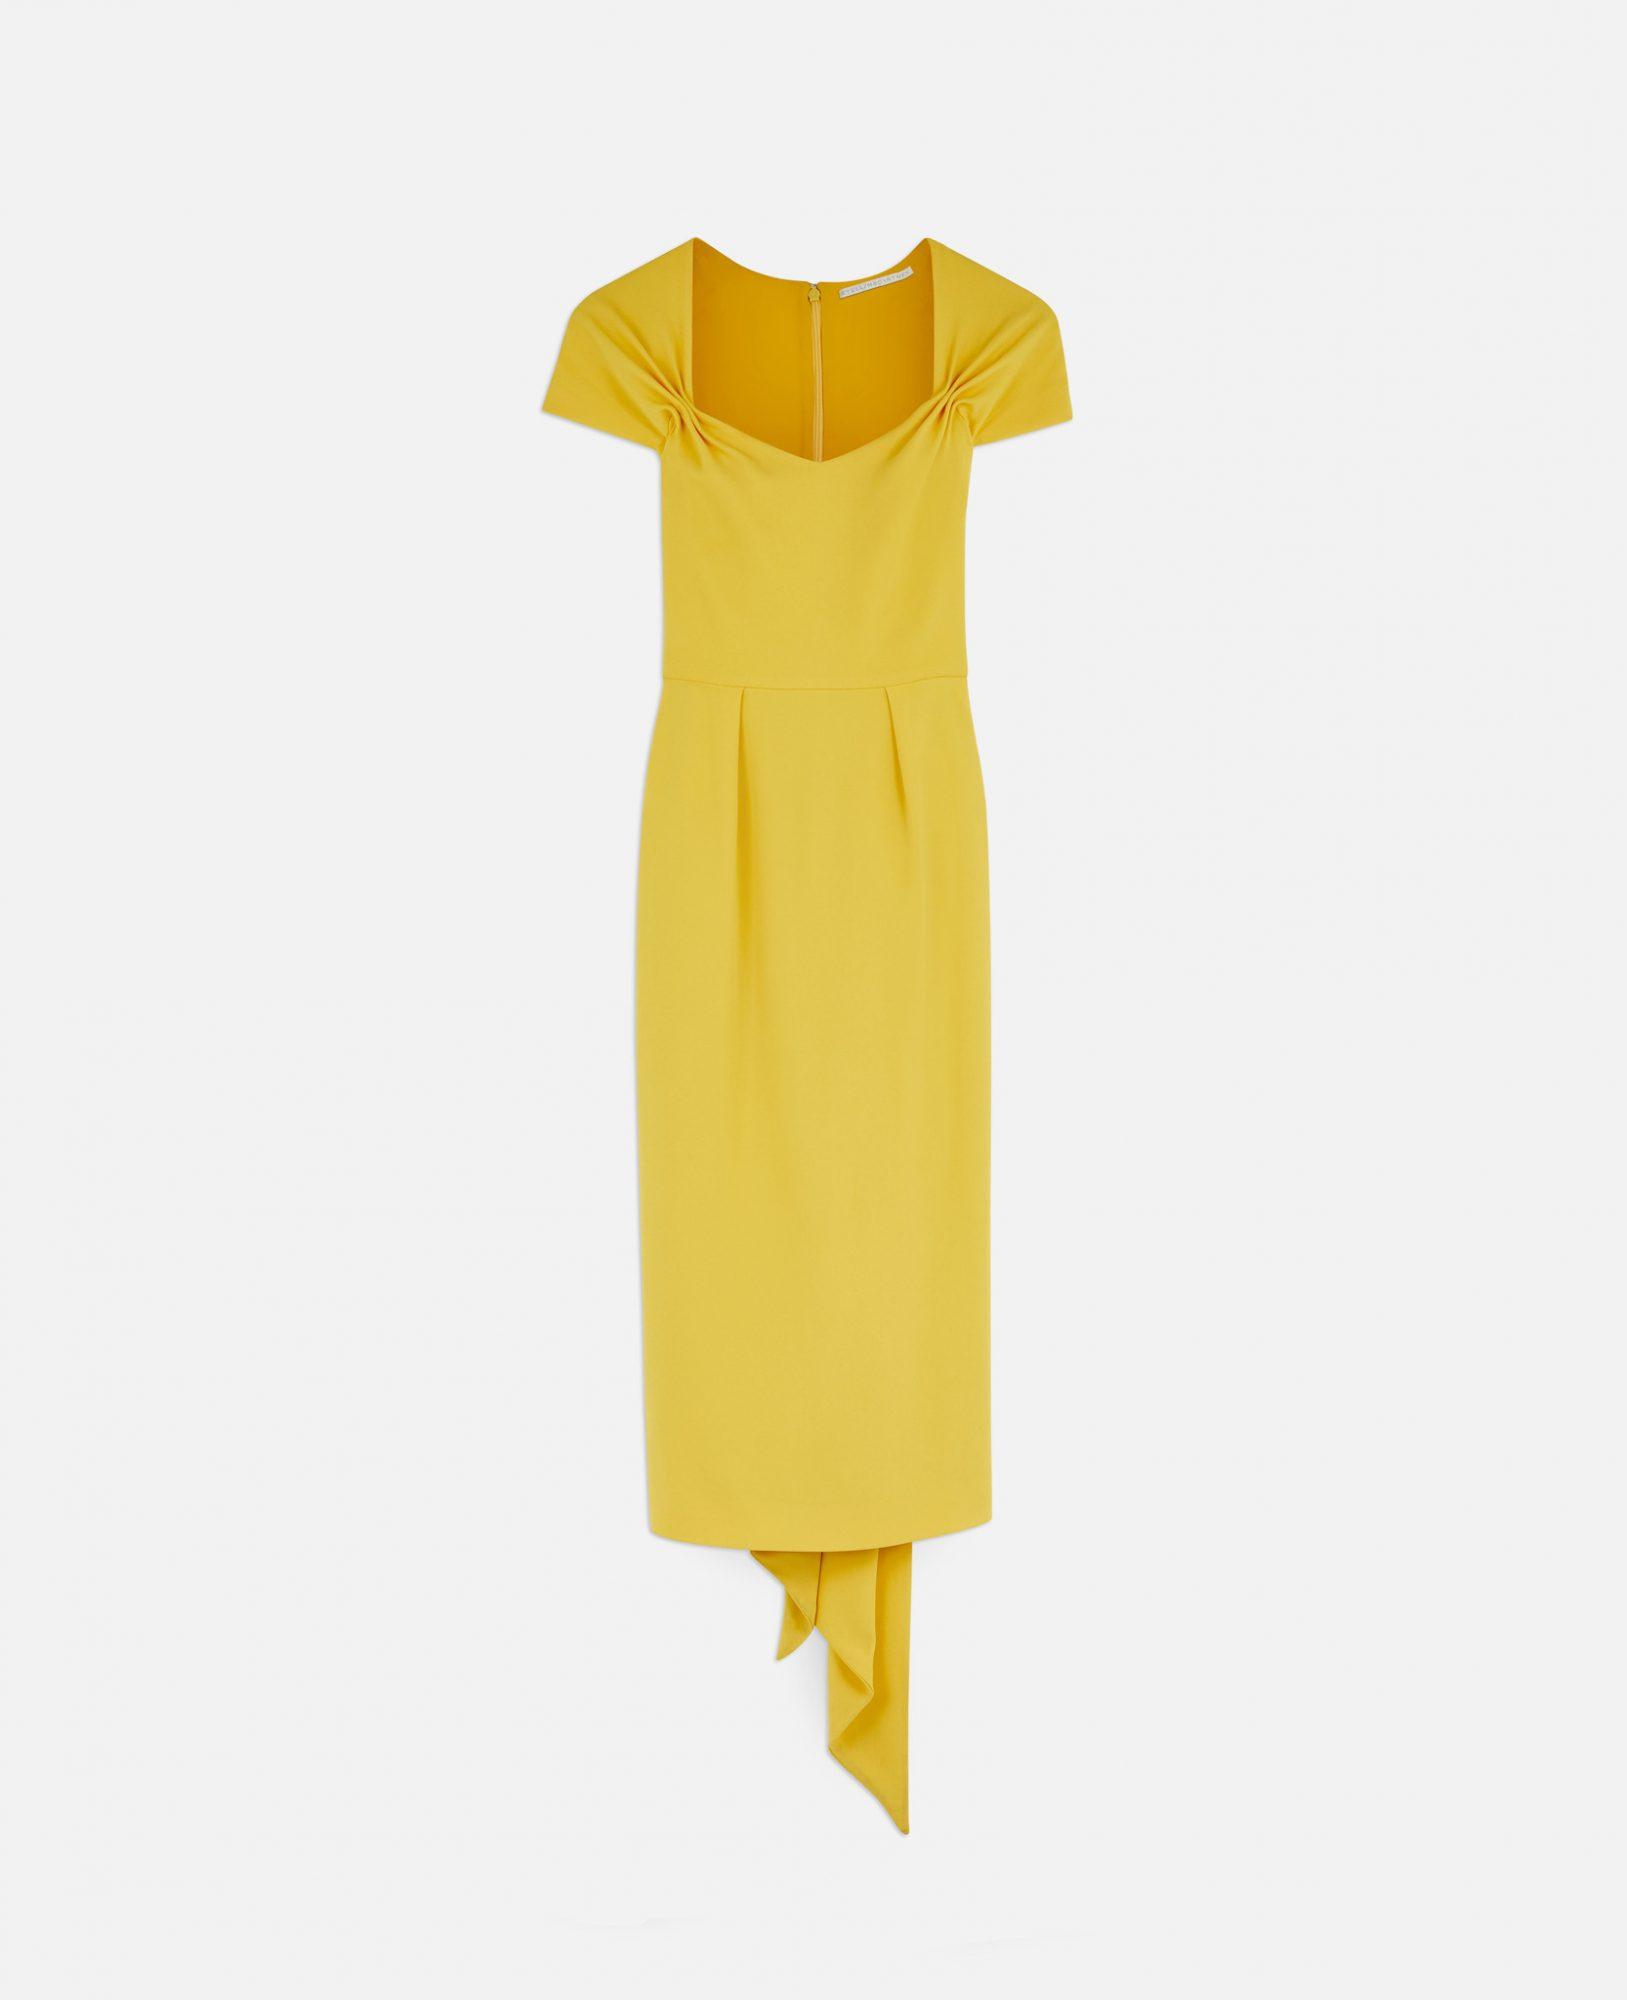 vestido amarillo, Amal Clooney, vestido, boda real, Stella McCartney